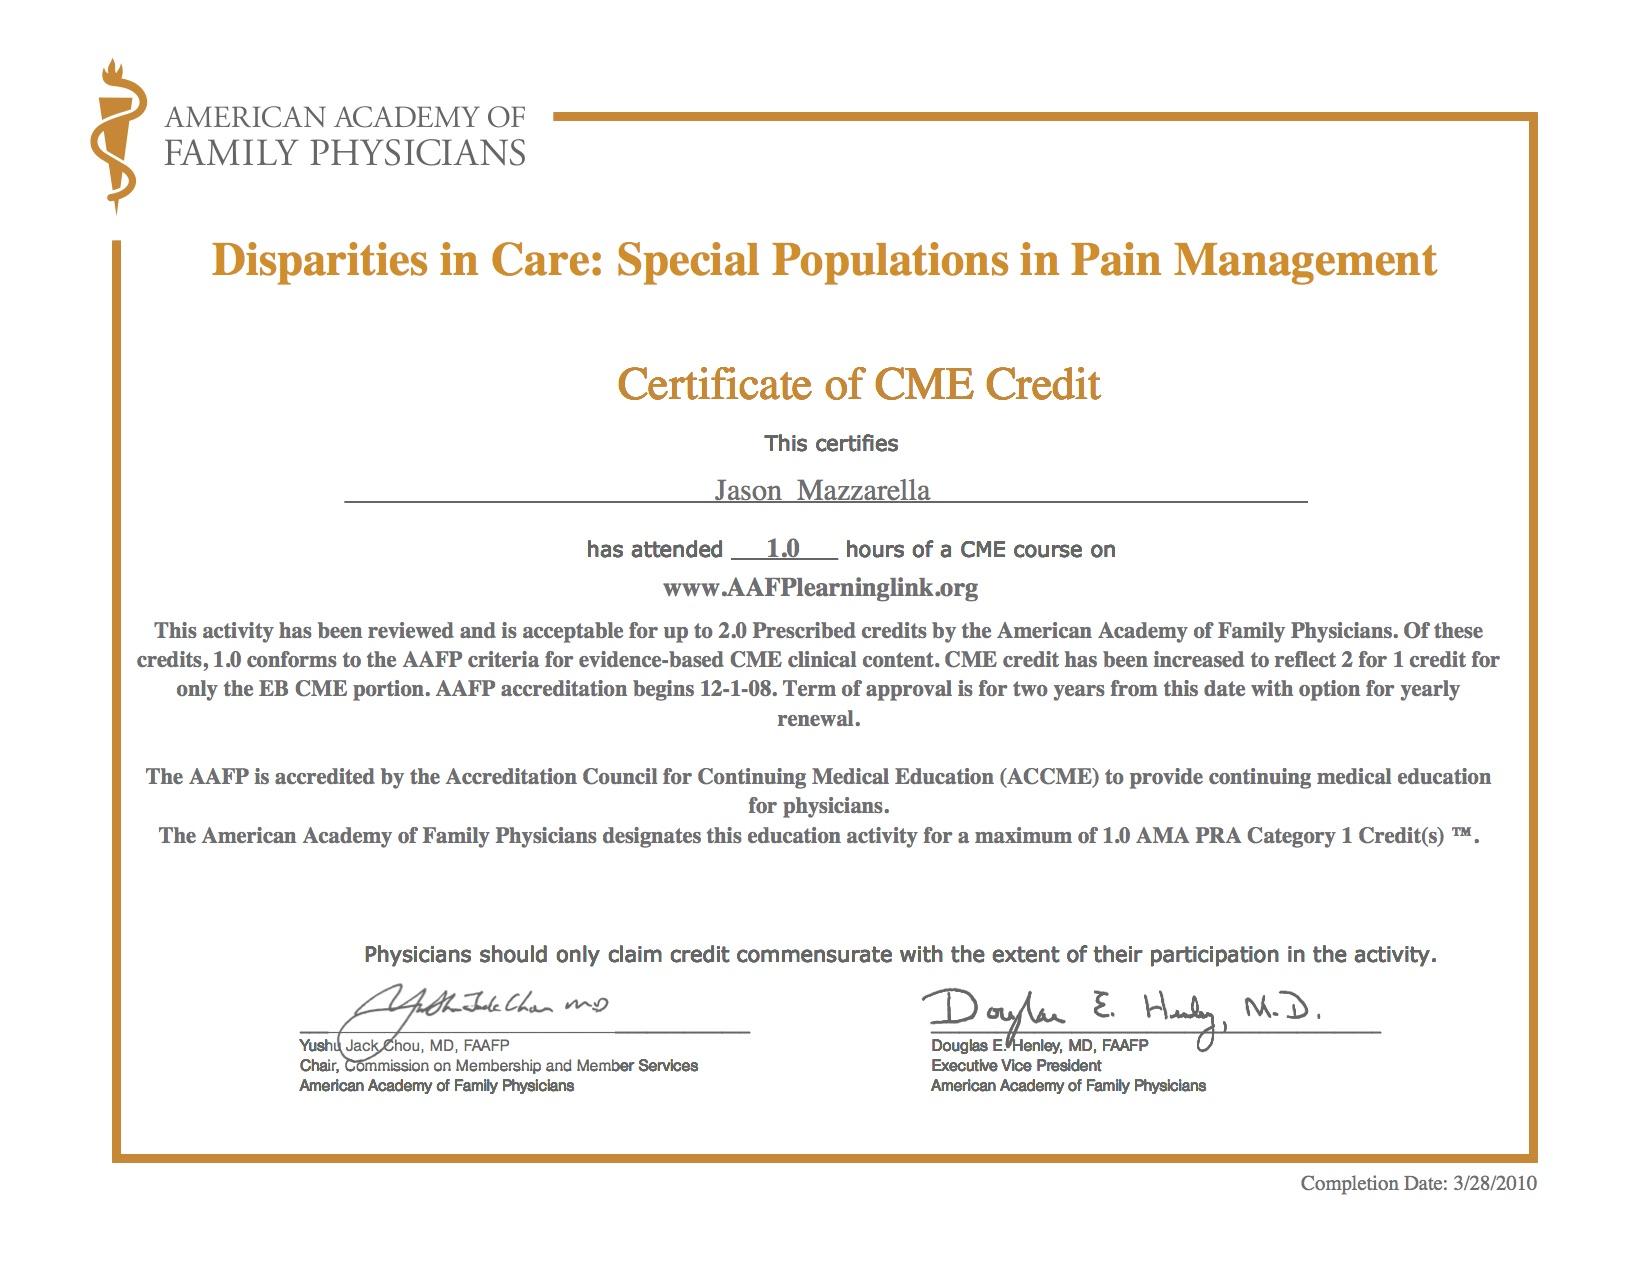 AAFM.certificate.4